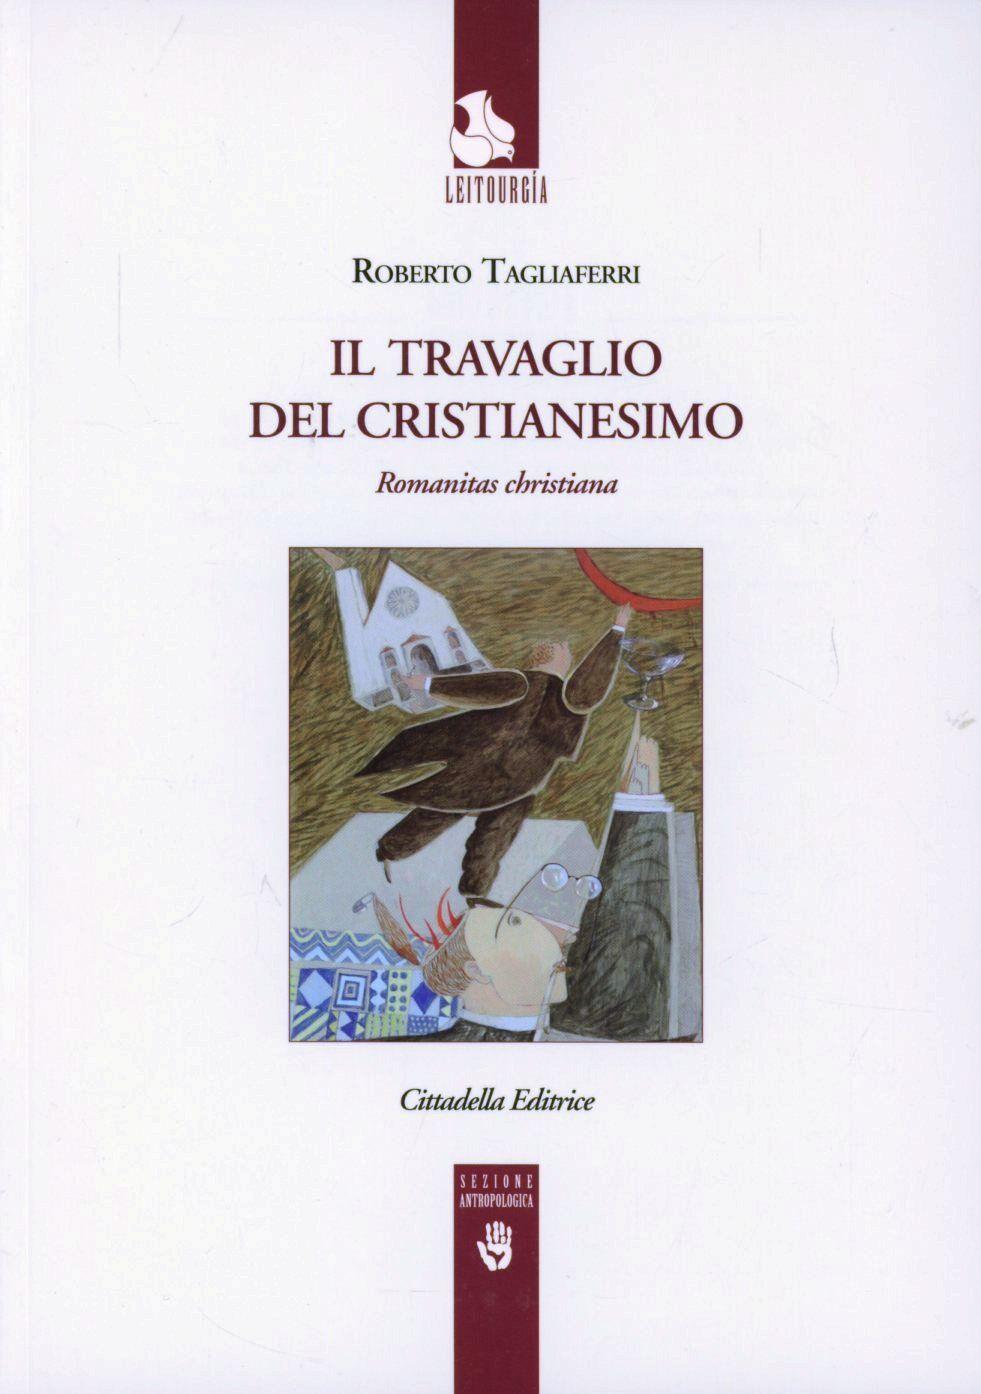 Il travaglio del cristianesimo. Romanitas christiana